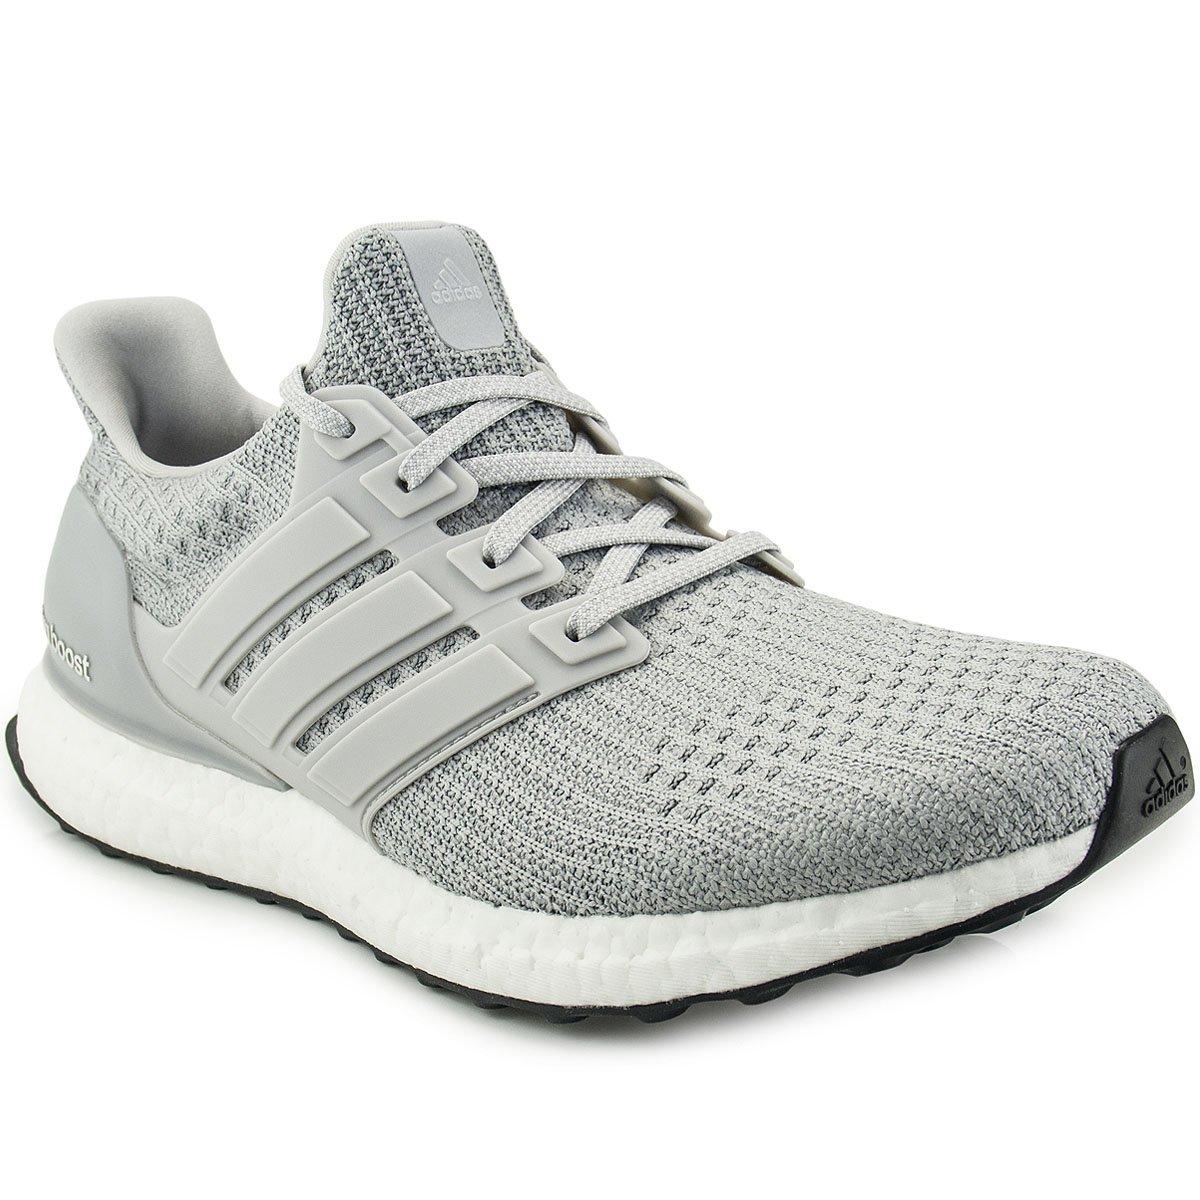 0760c73fc2 Tênis Adidas Ultra Boost